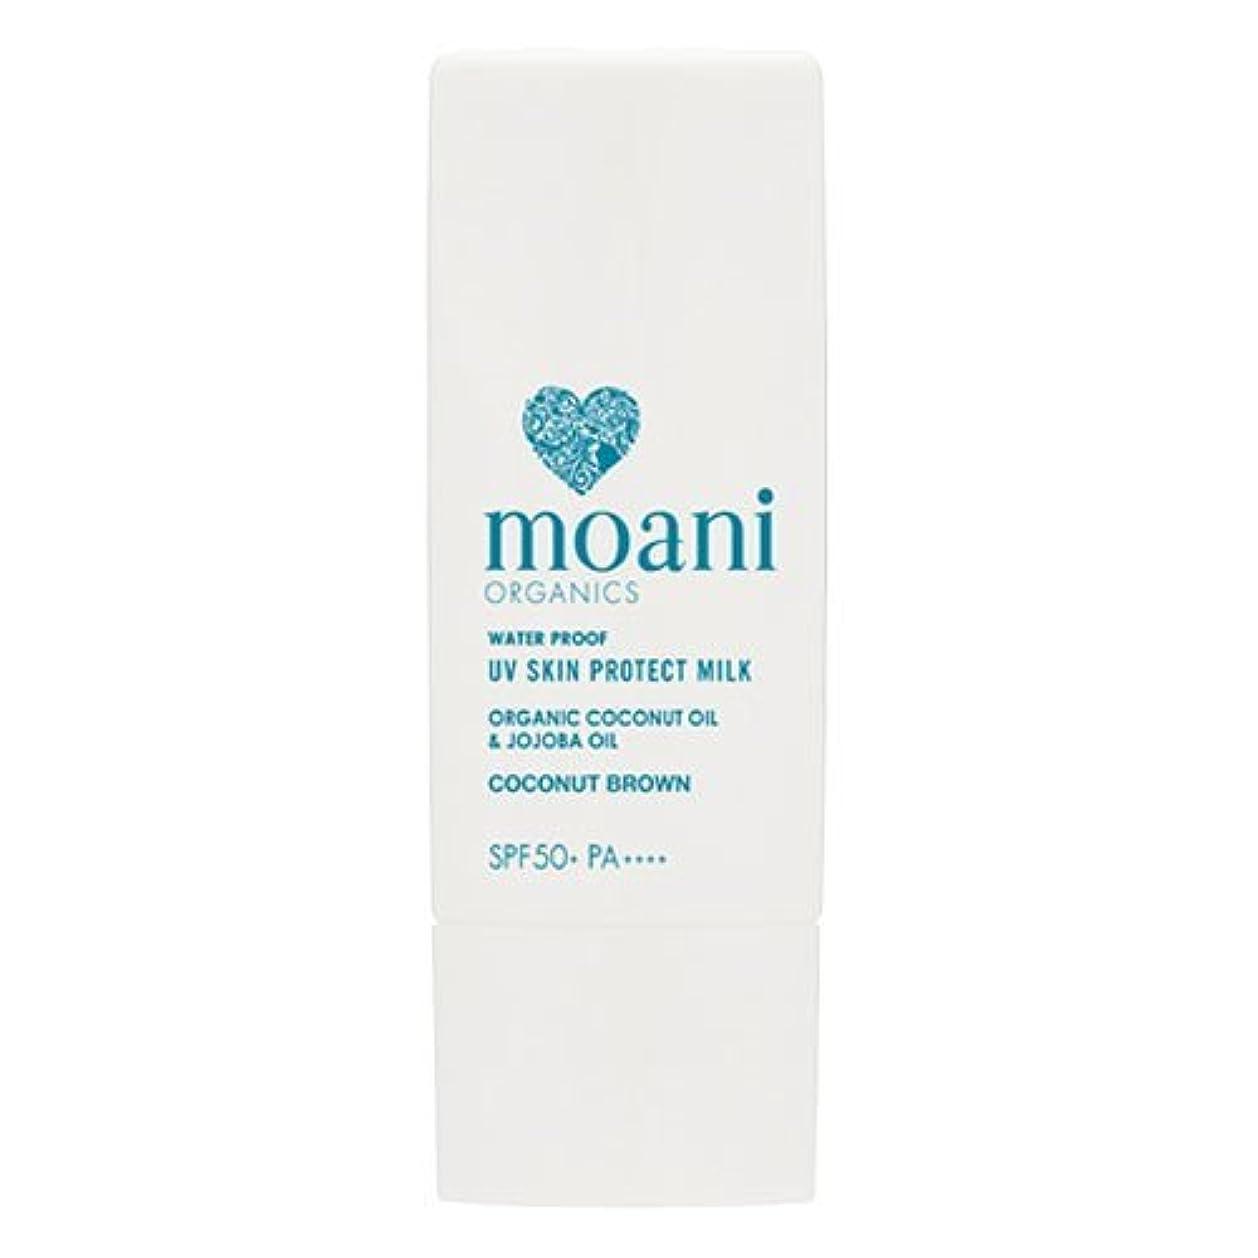 ほこりっぽい湖エキゾチックmoani organics UV SKIN PROTECT MILK coconut brown(顔用日焼け止め)